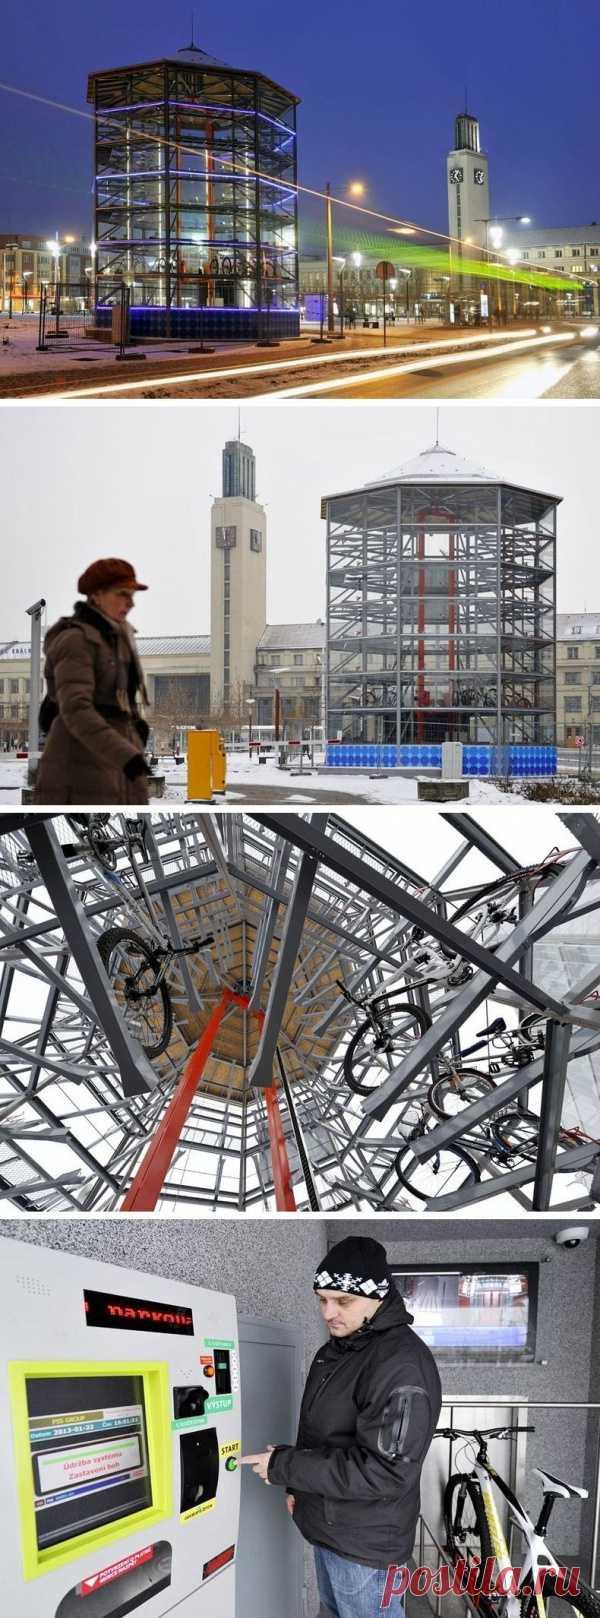 Футуристическая парковка для велосипедов. Градец-Кралове, Чехия